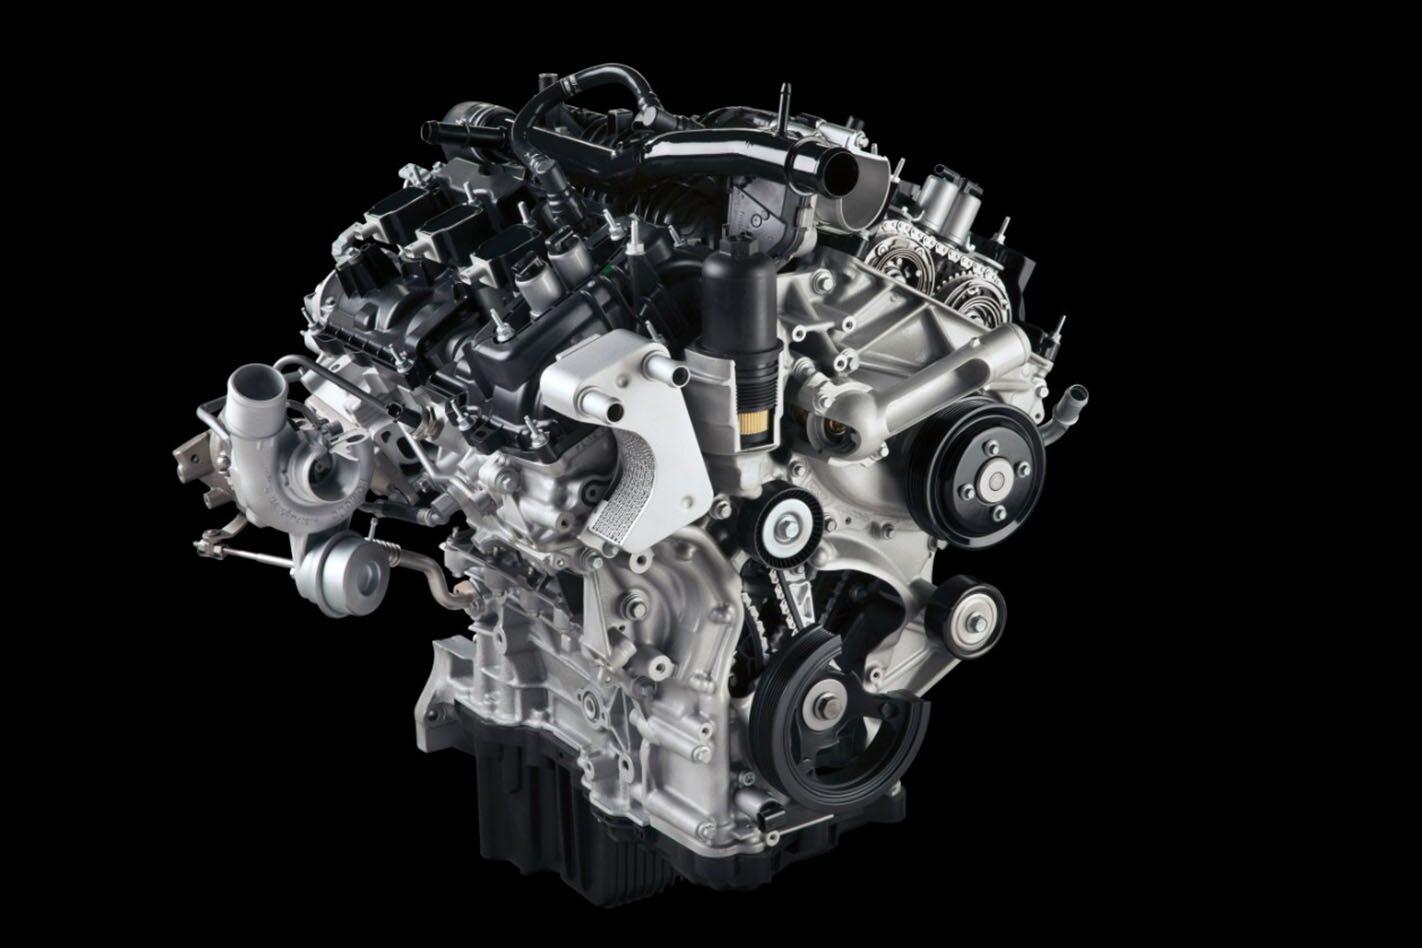 2021 Ford Ranger Ecoboost Engine Jpg